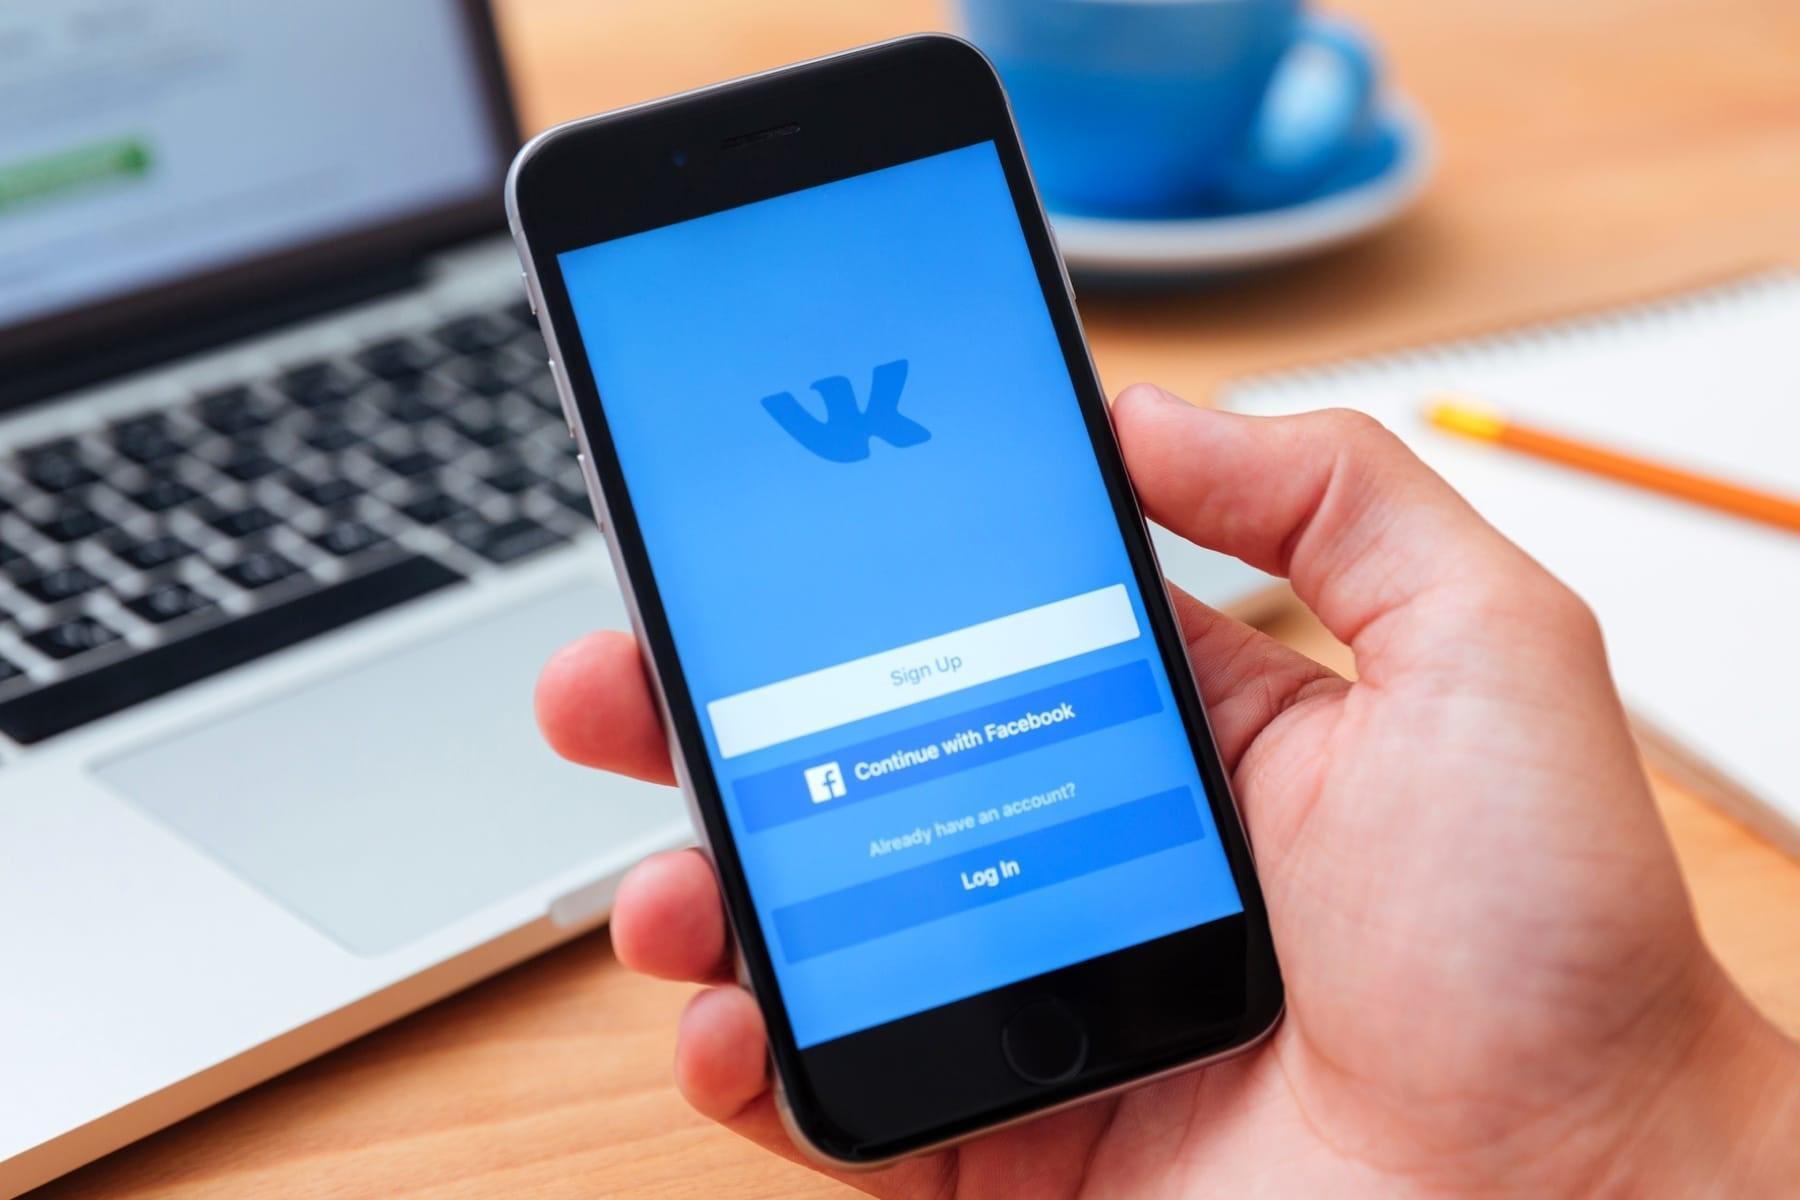 Можно ли с телефона посмотреть, кто заходит в гости на страницу ВКонтакте